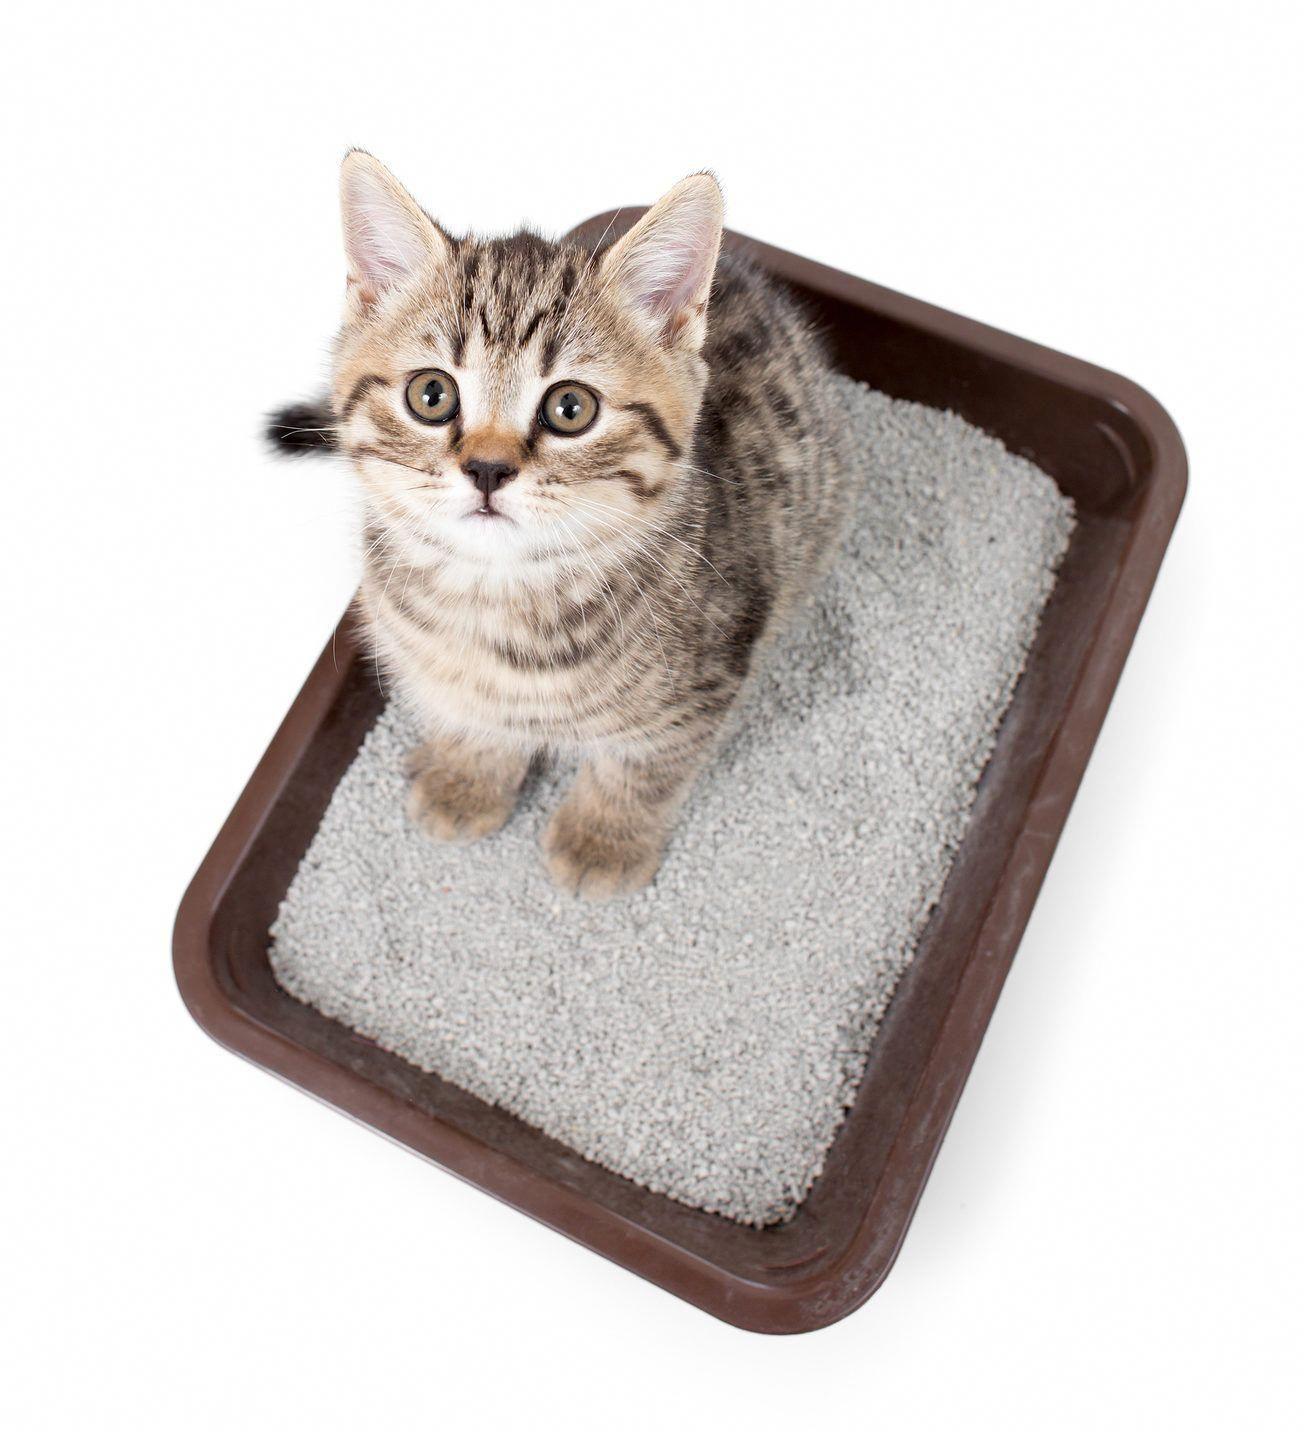 kitten in a litter box Cat care, Litter box, Pet hacks